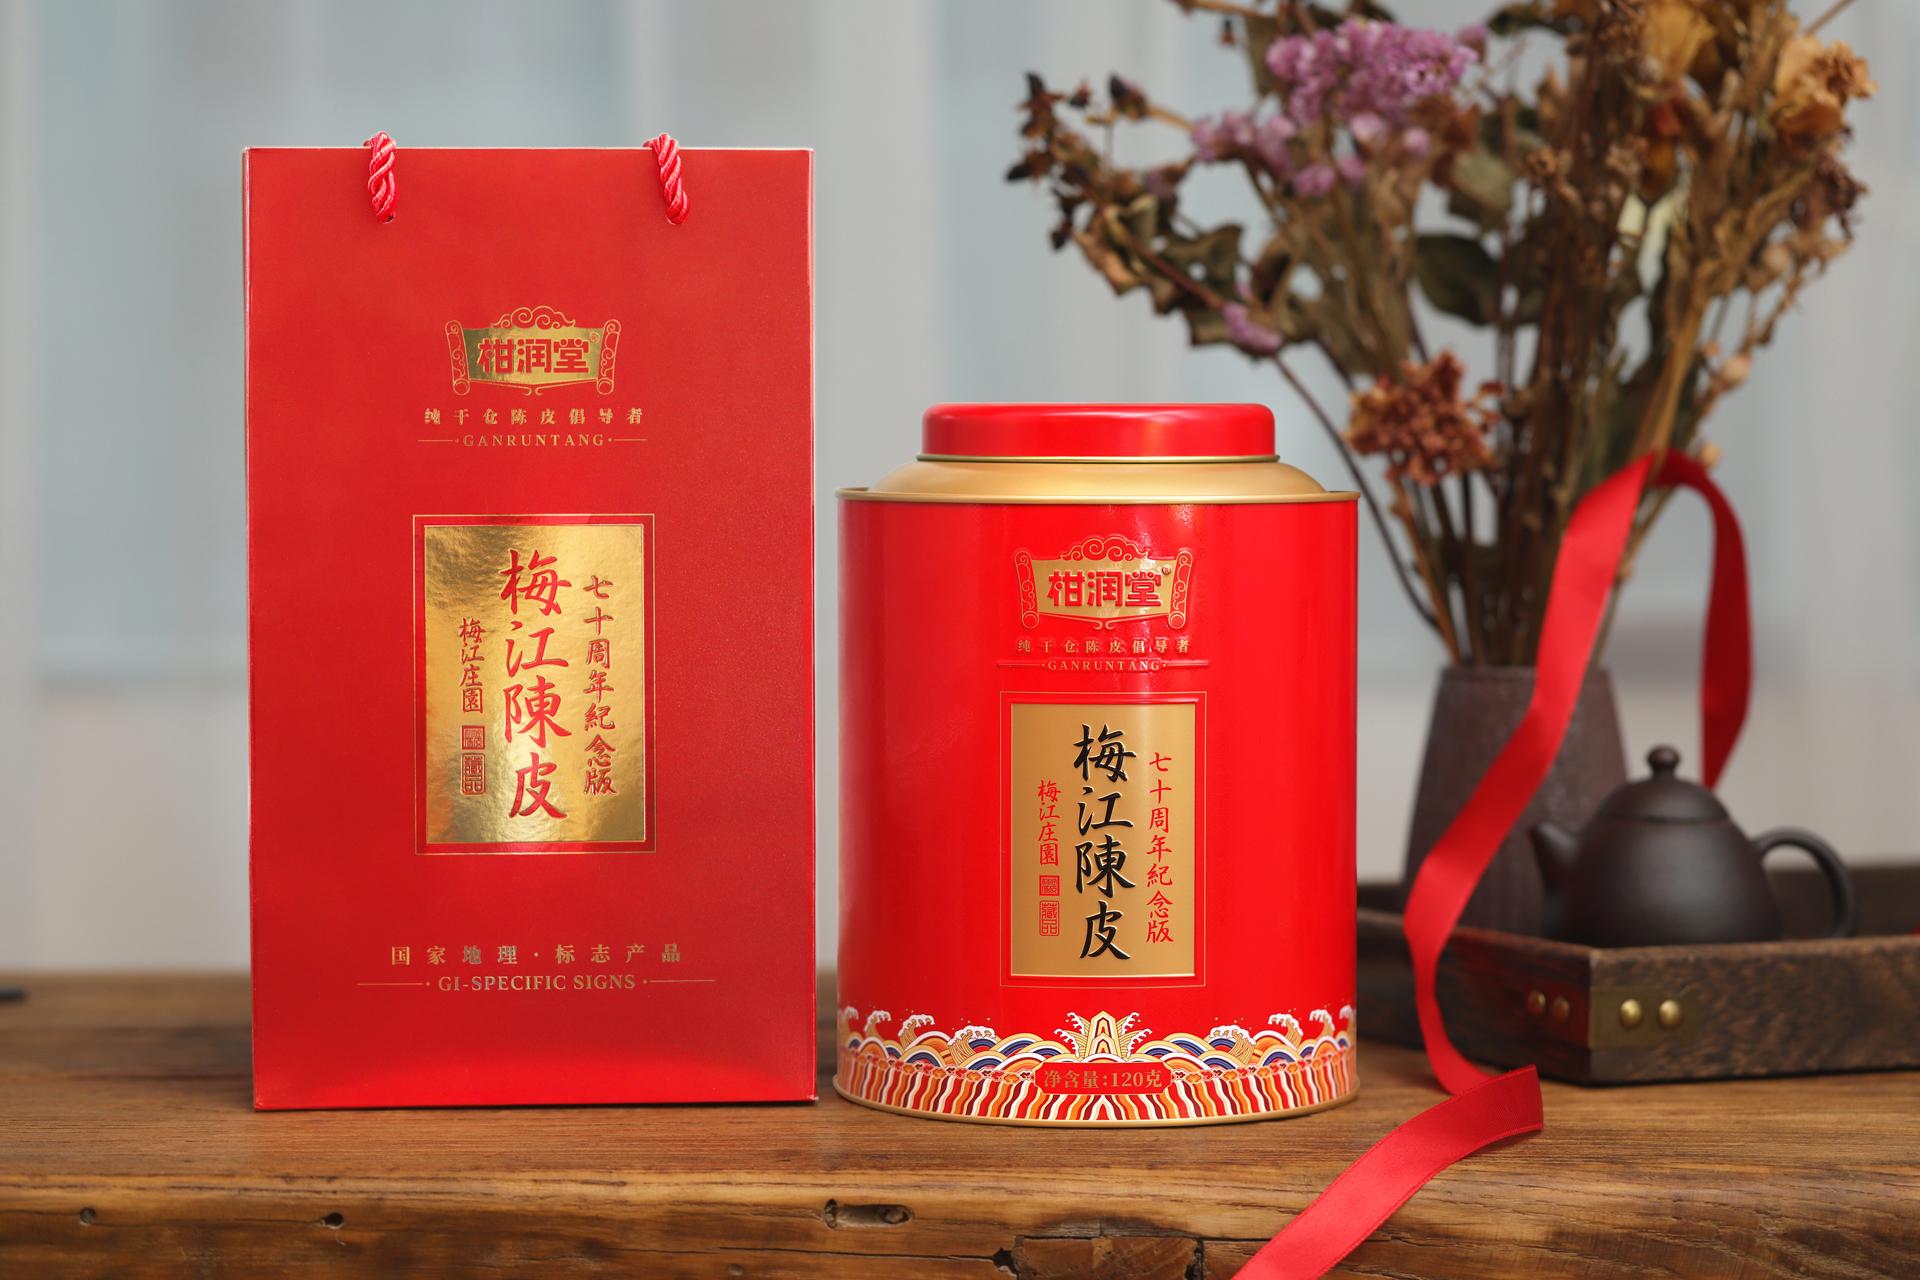 柑润堂2013年新会梅江陈皮 七十周年纪念版